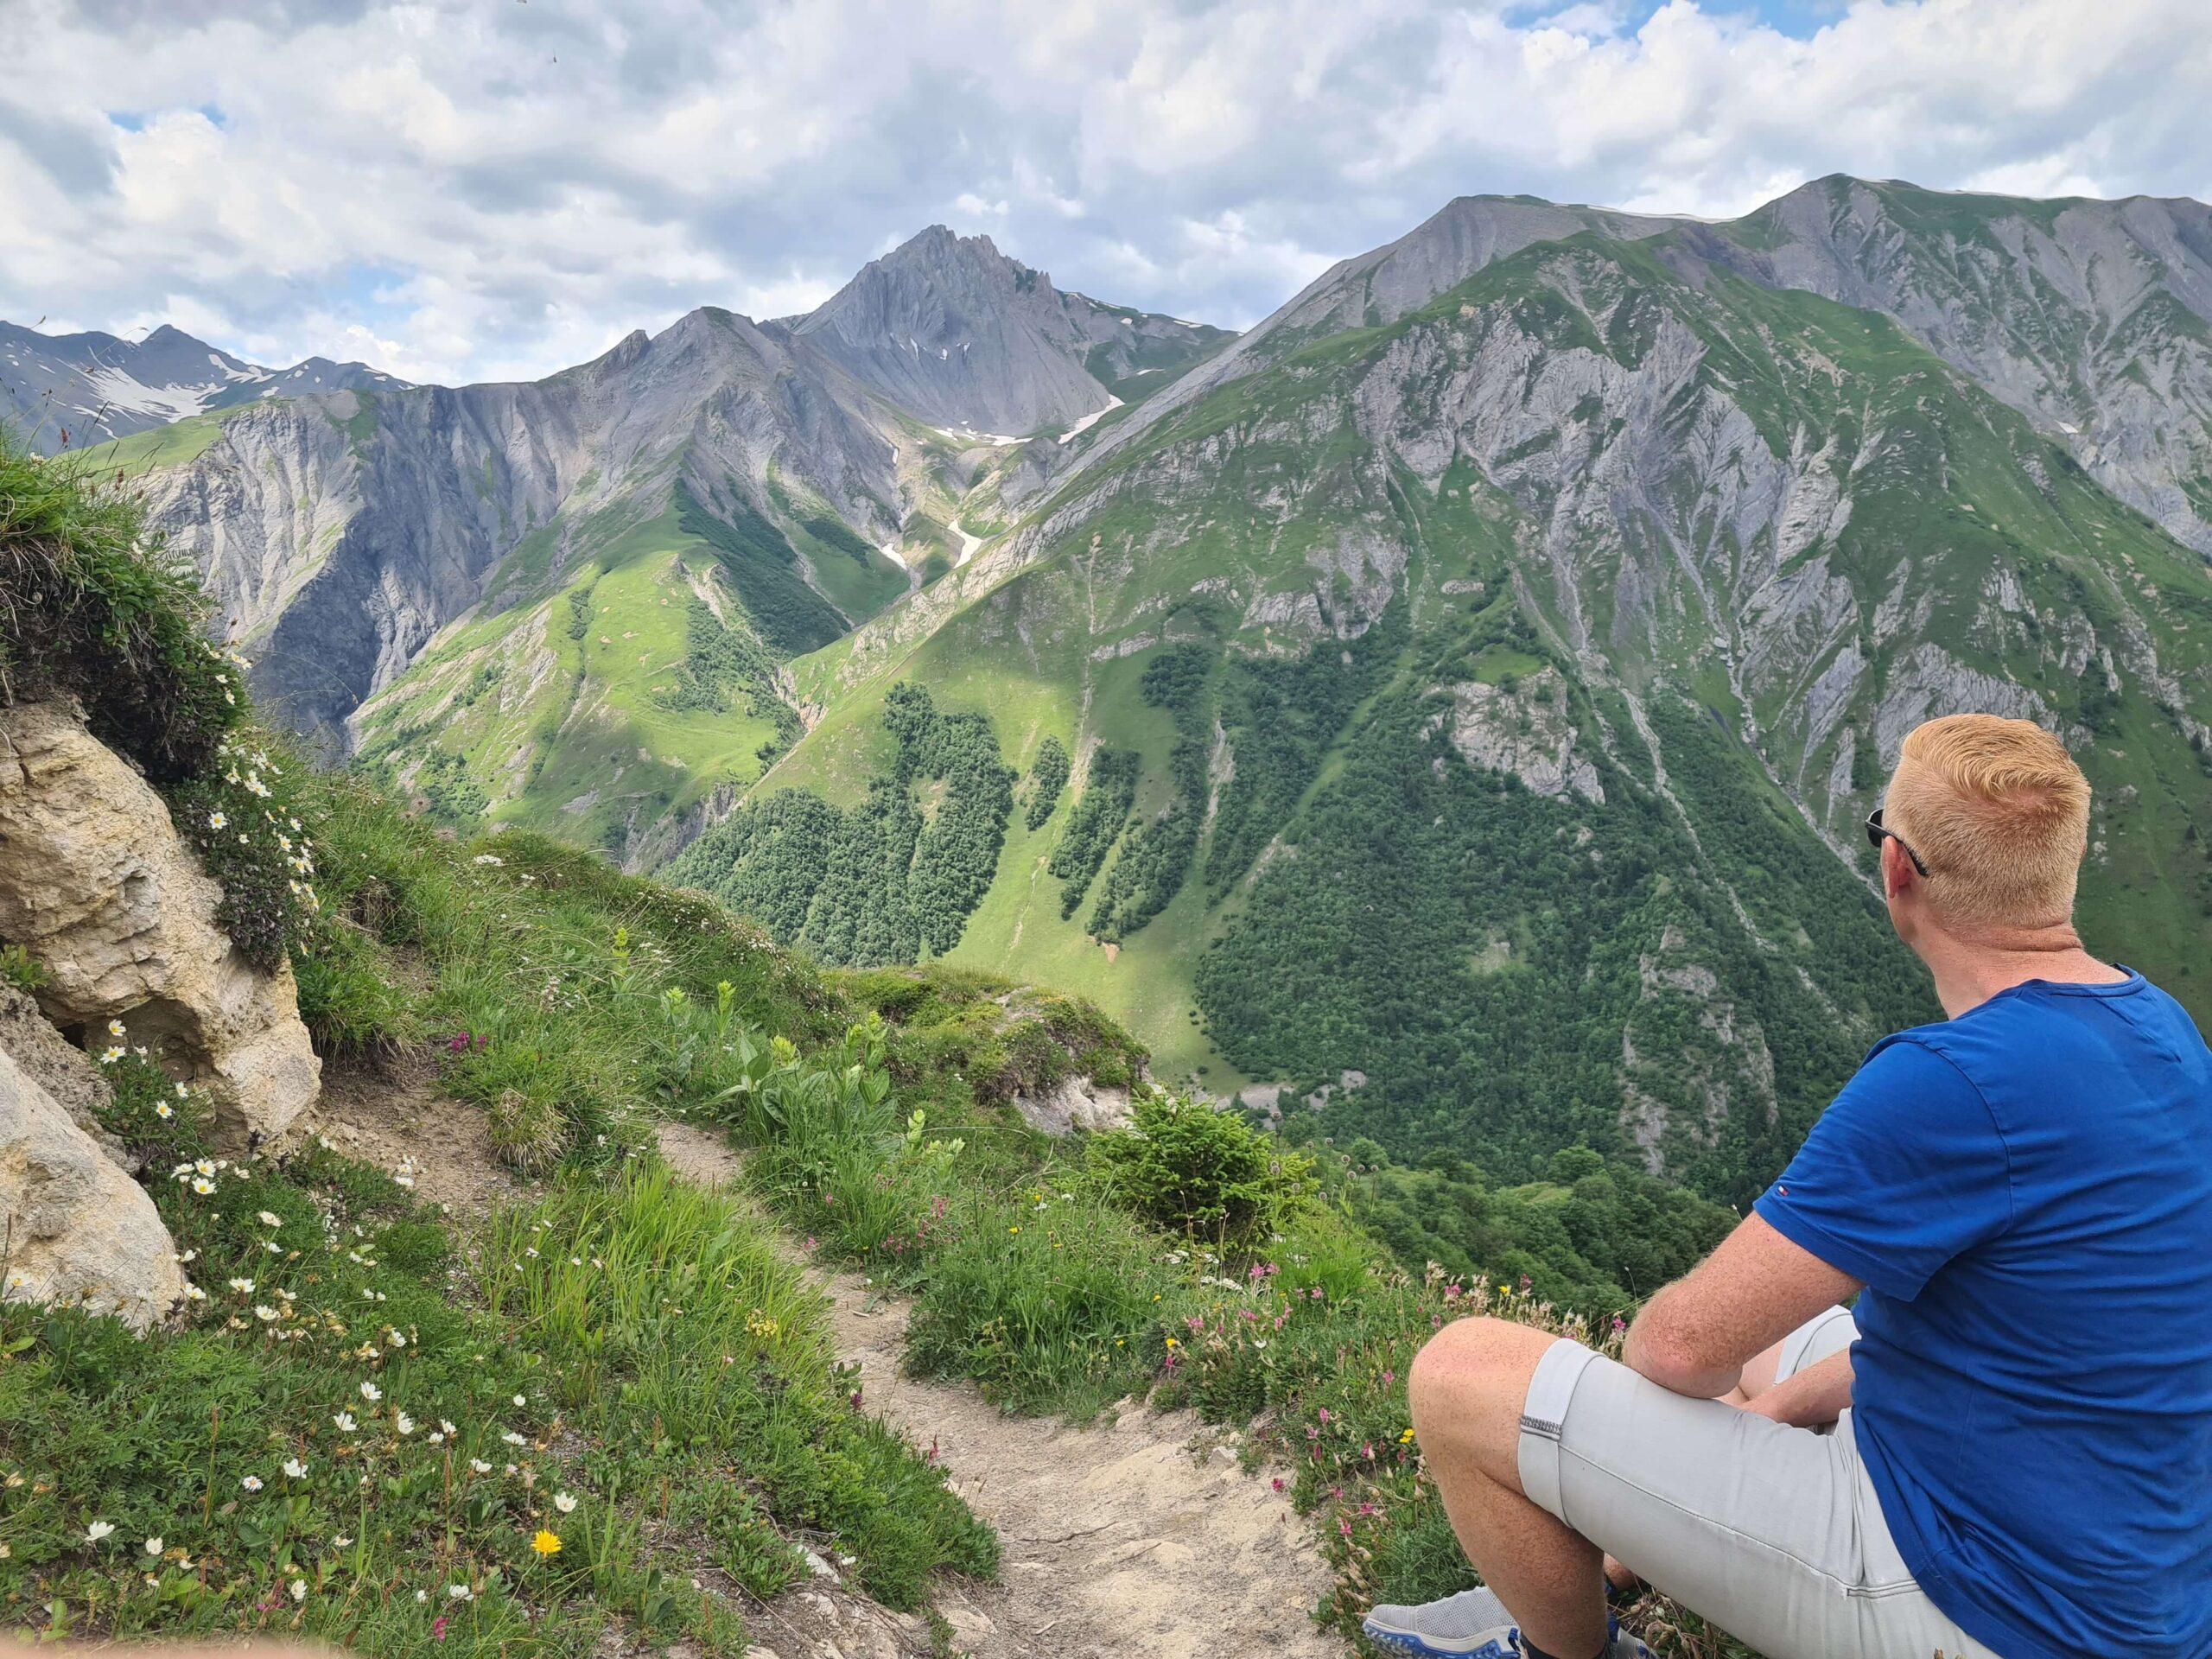 Indrukwekkend panoramisch uitzicht op het Écrins-massief en de hoge toppen van de Vanoise